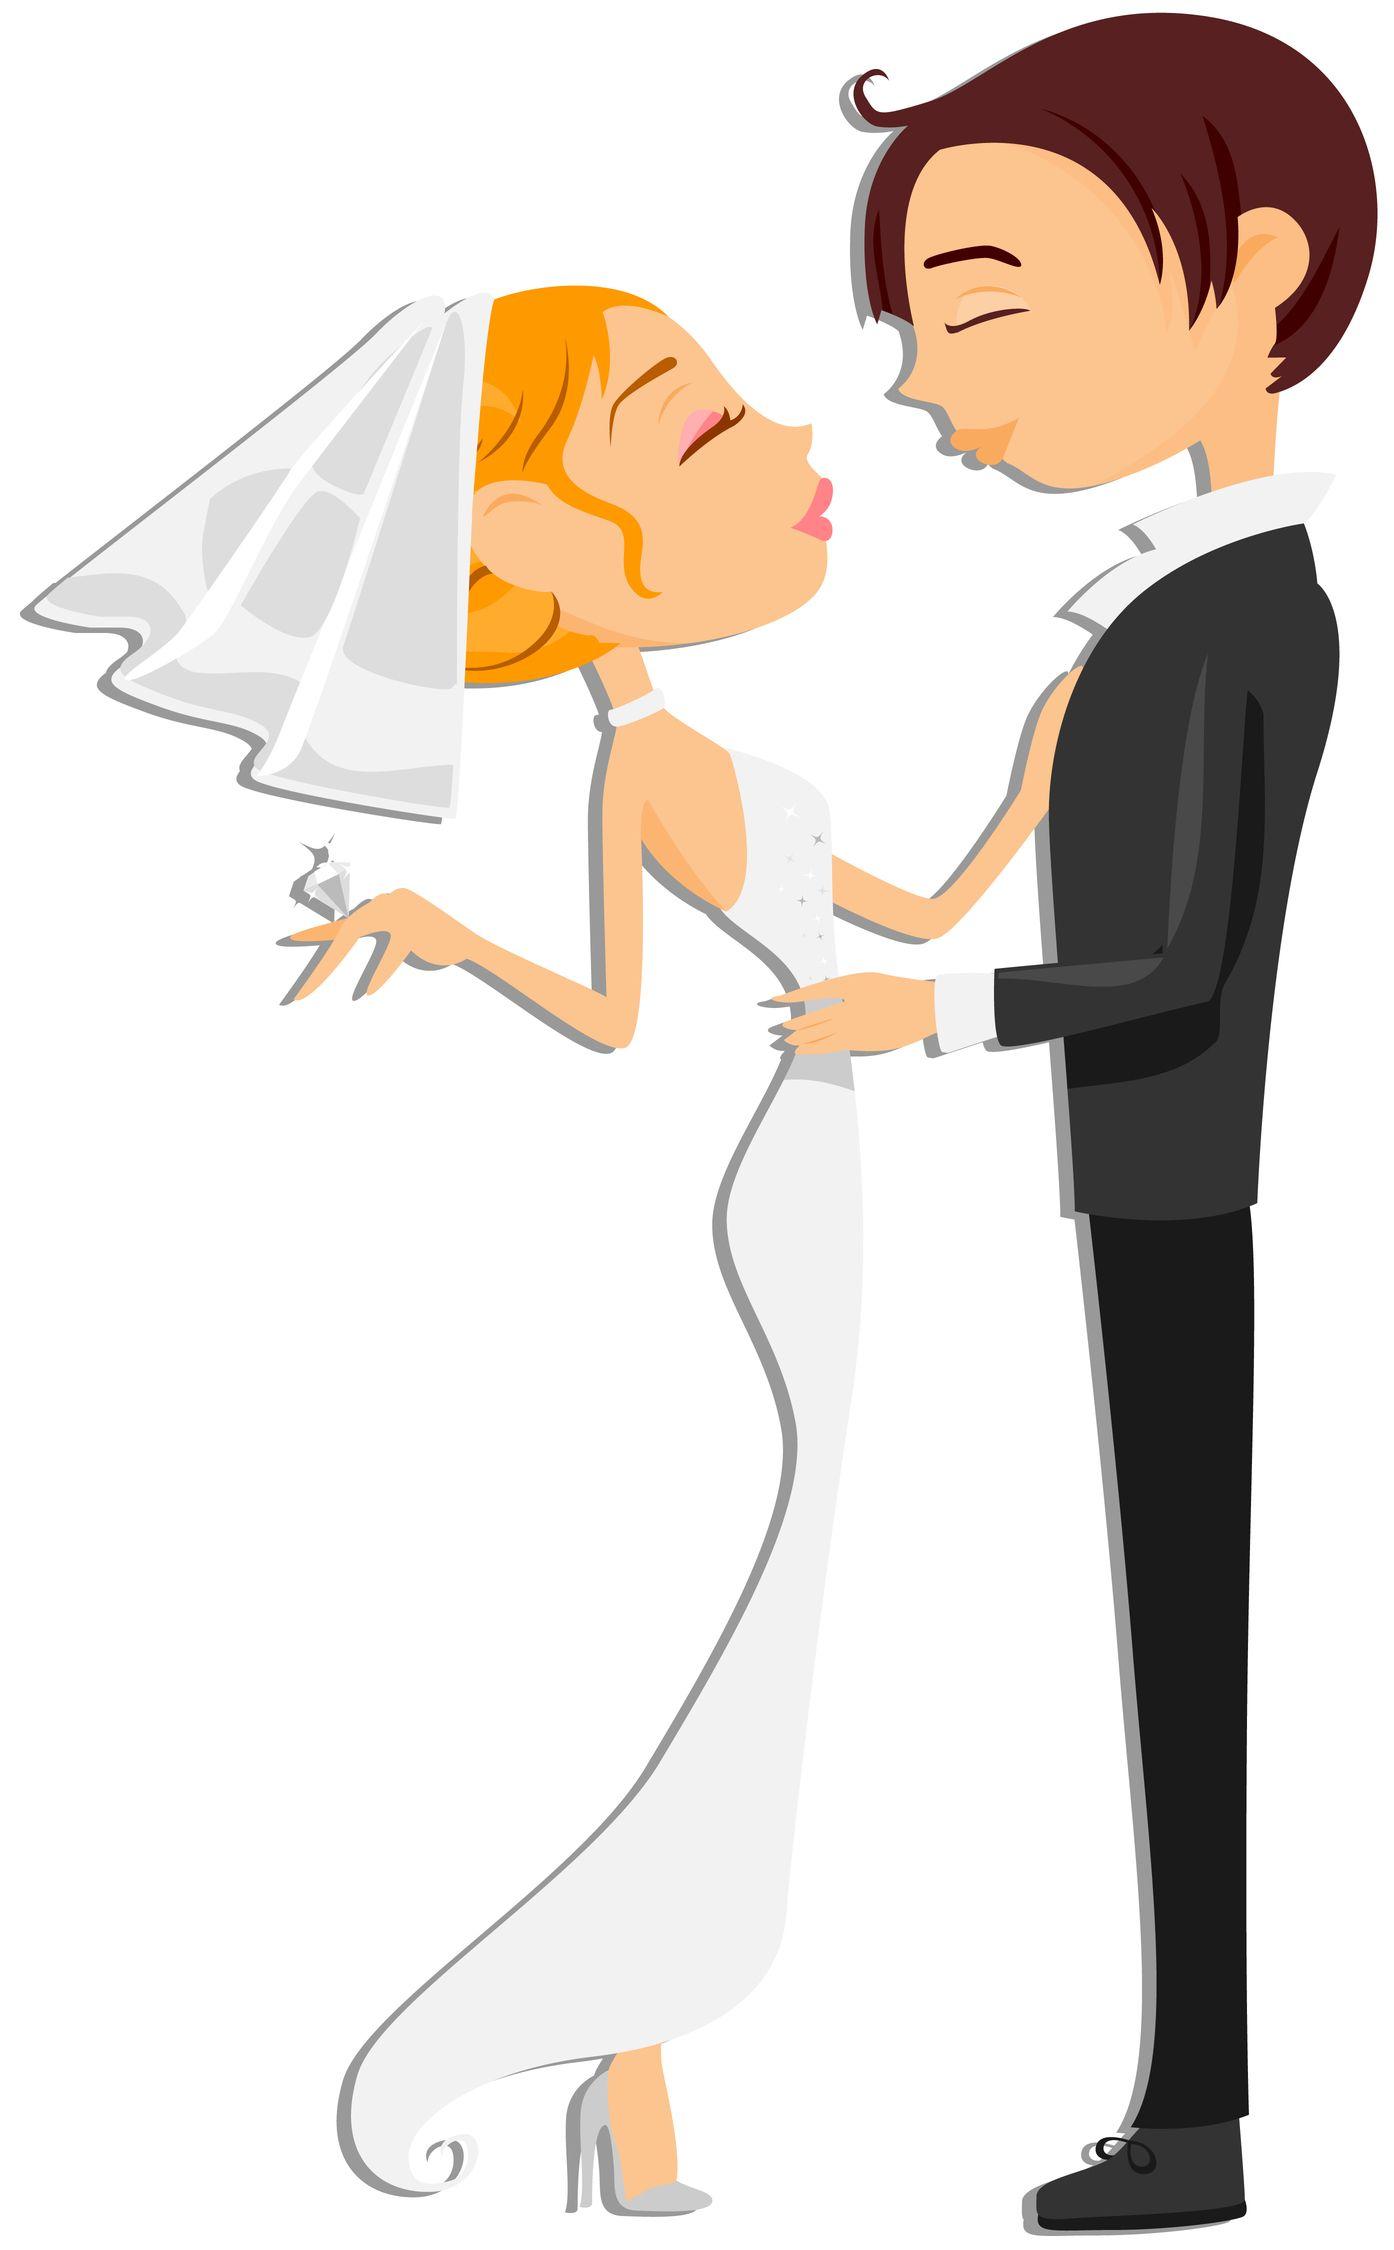 Wedding Cartoon Images : wedding, cartoon, images, Cartoon, #couple, #love, #wedding, #bride, Huwelijk,, Bruid,, Kaarten